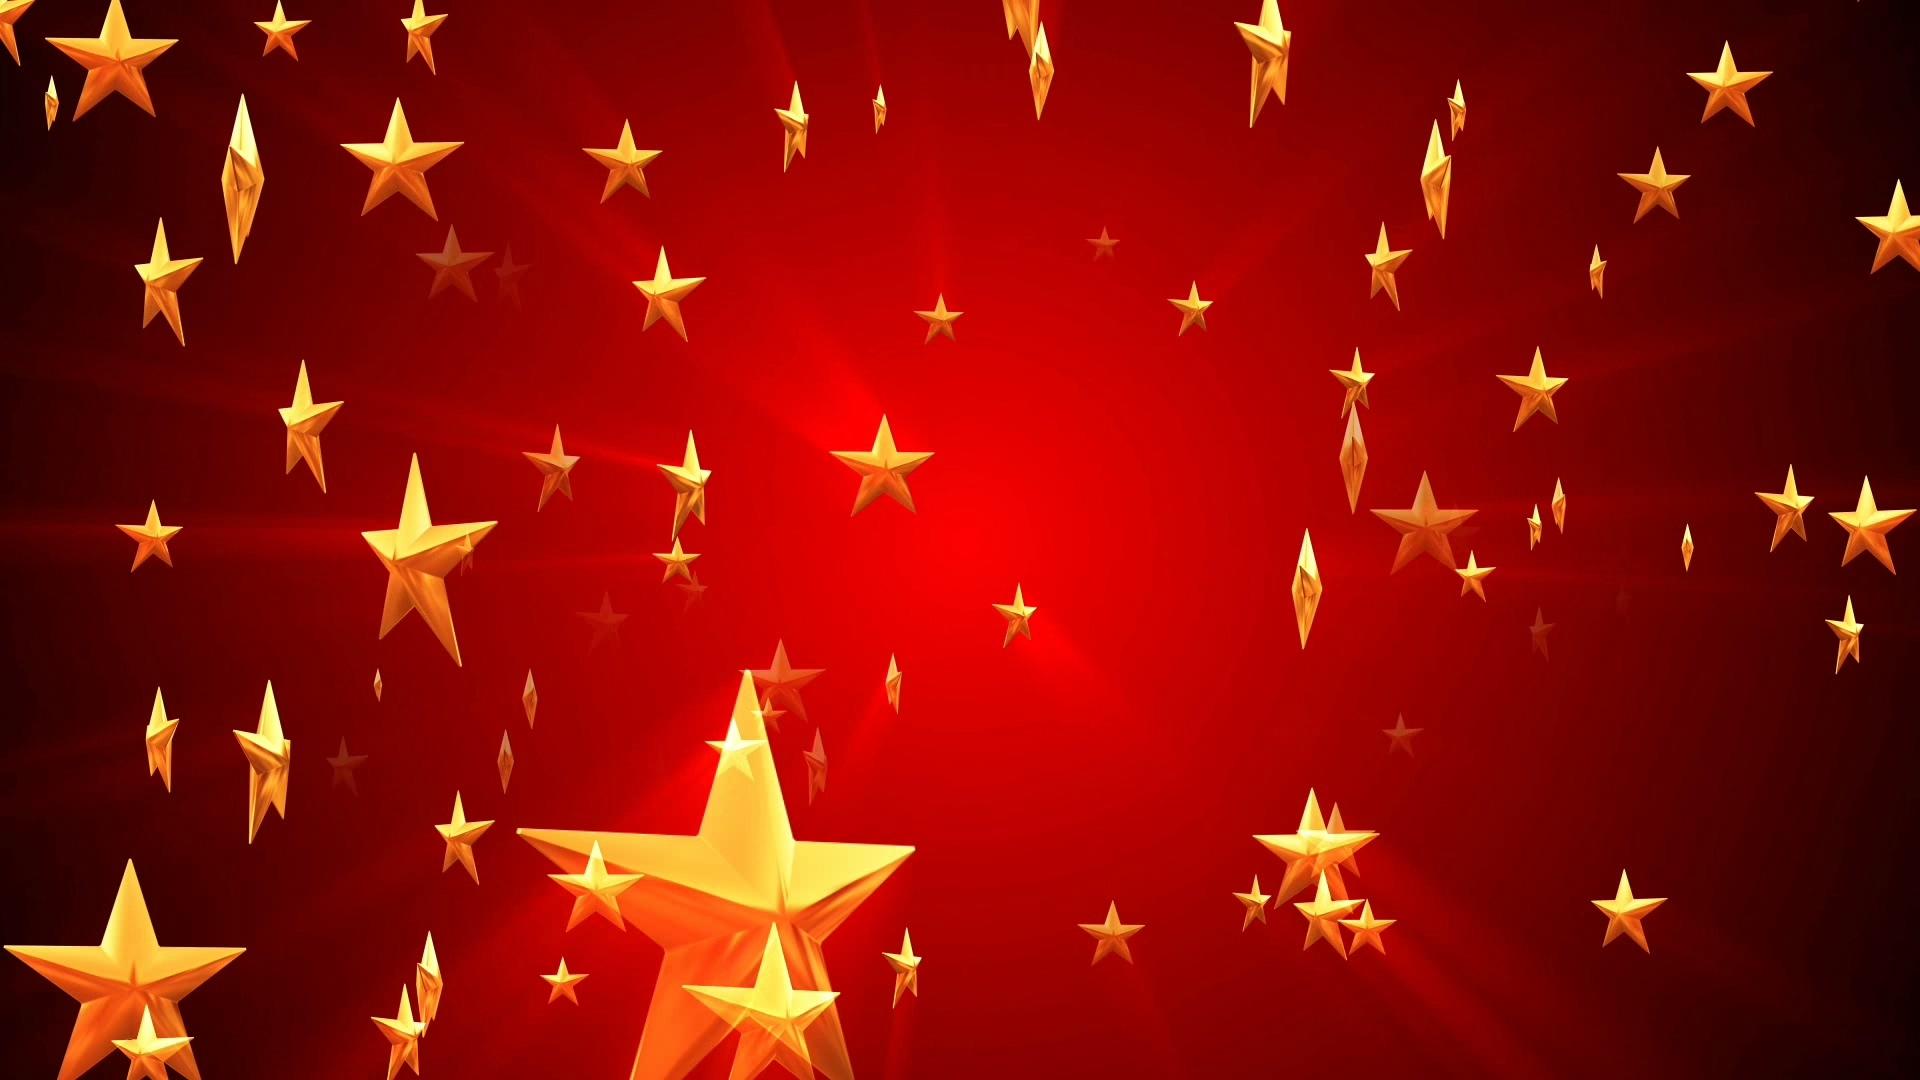 金色五角星红色党政军通用背景视频素材